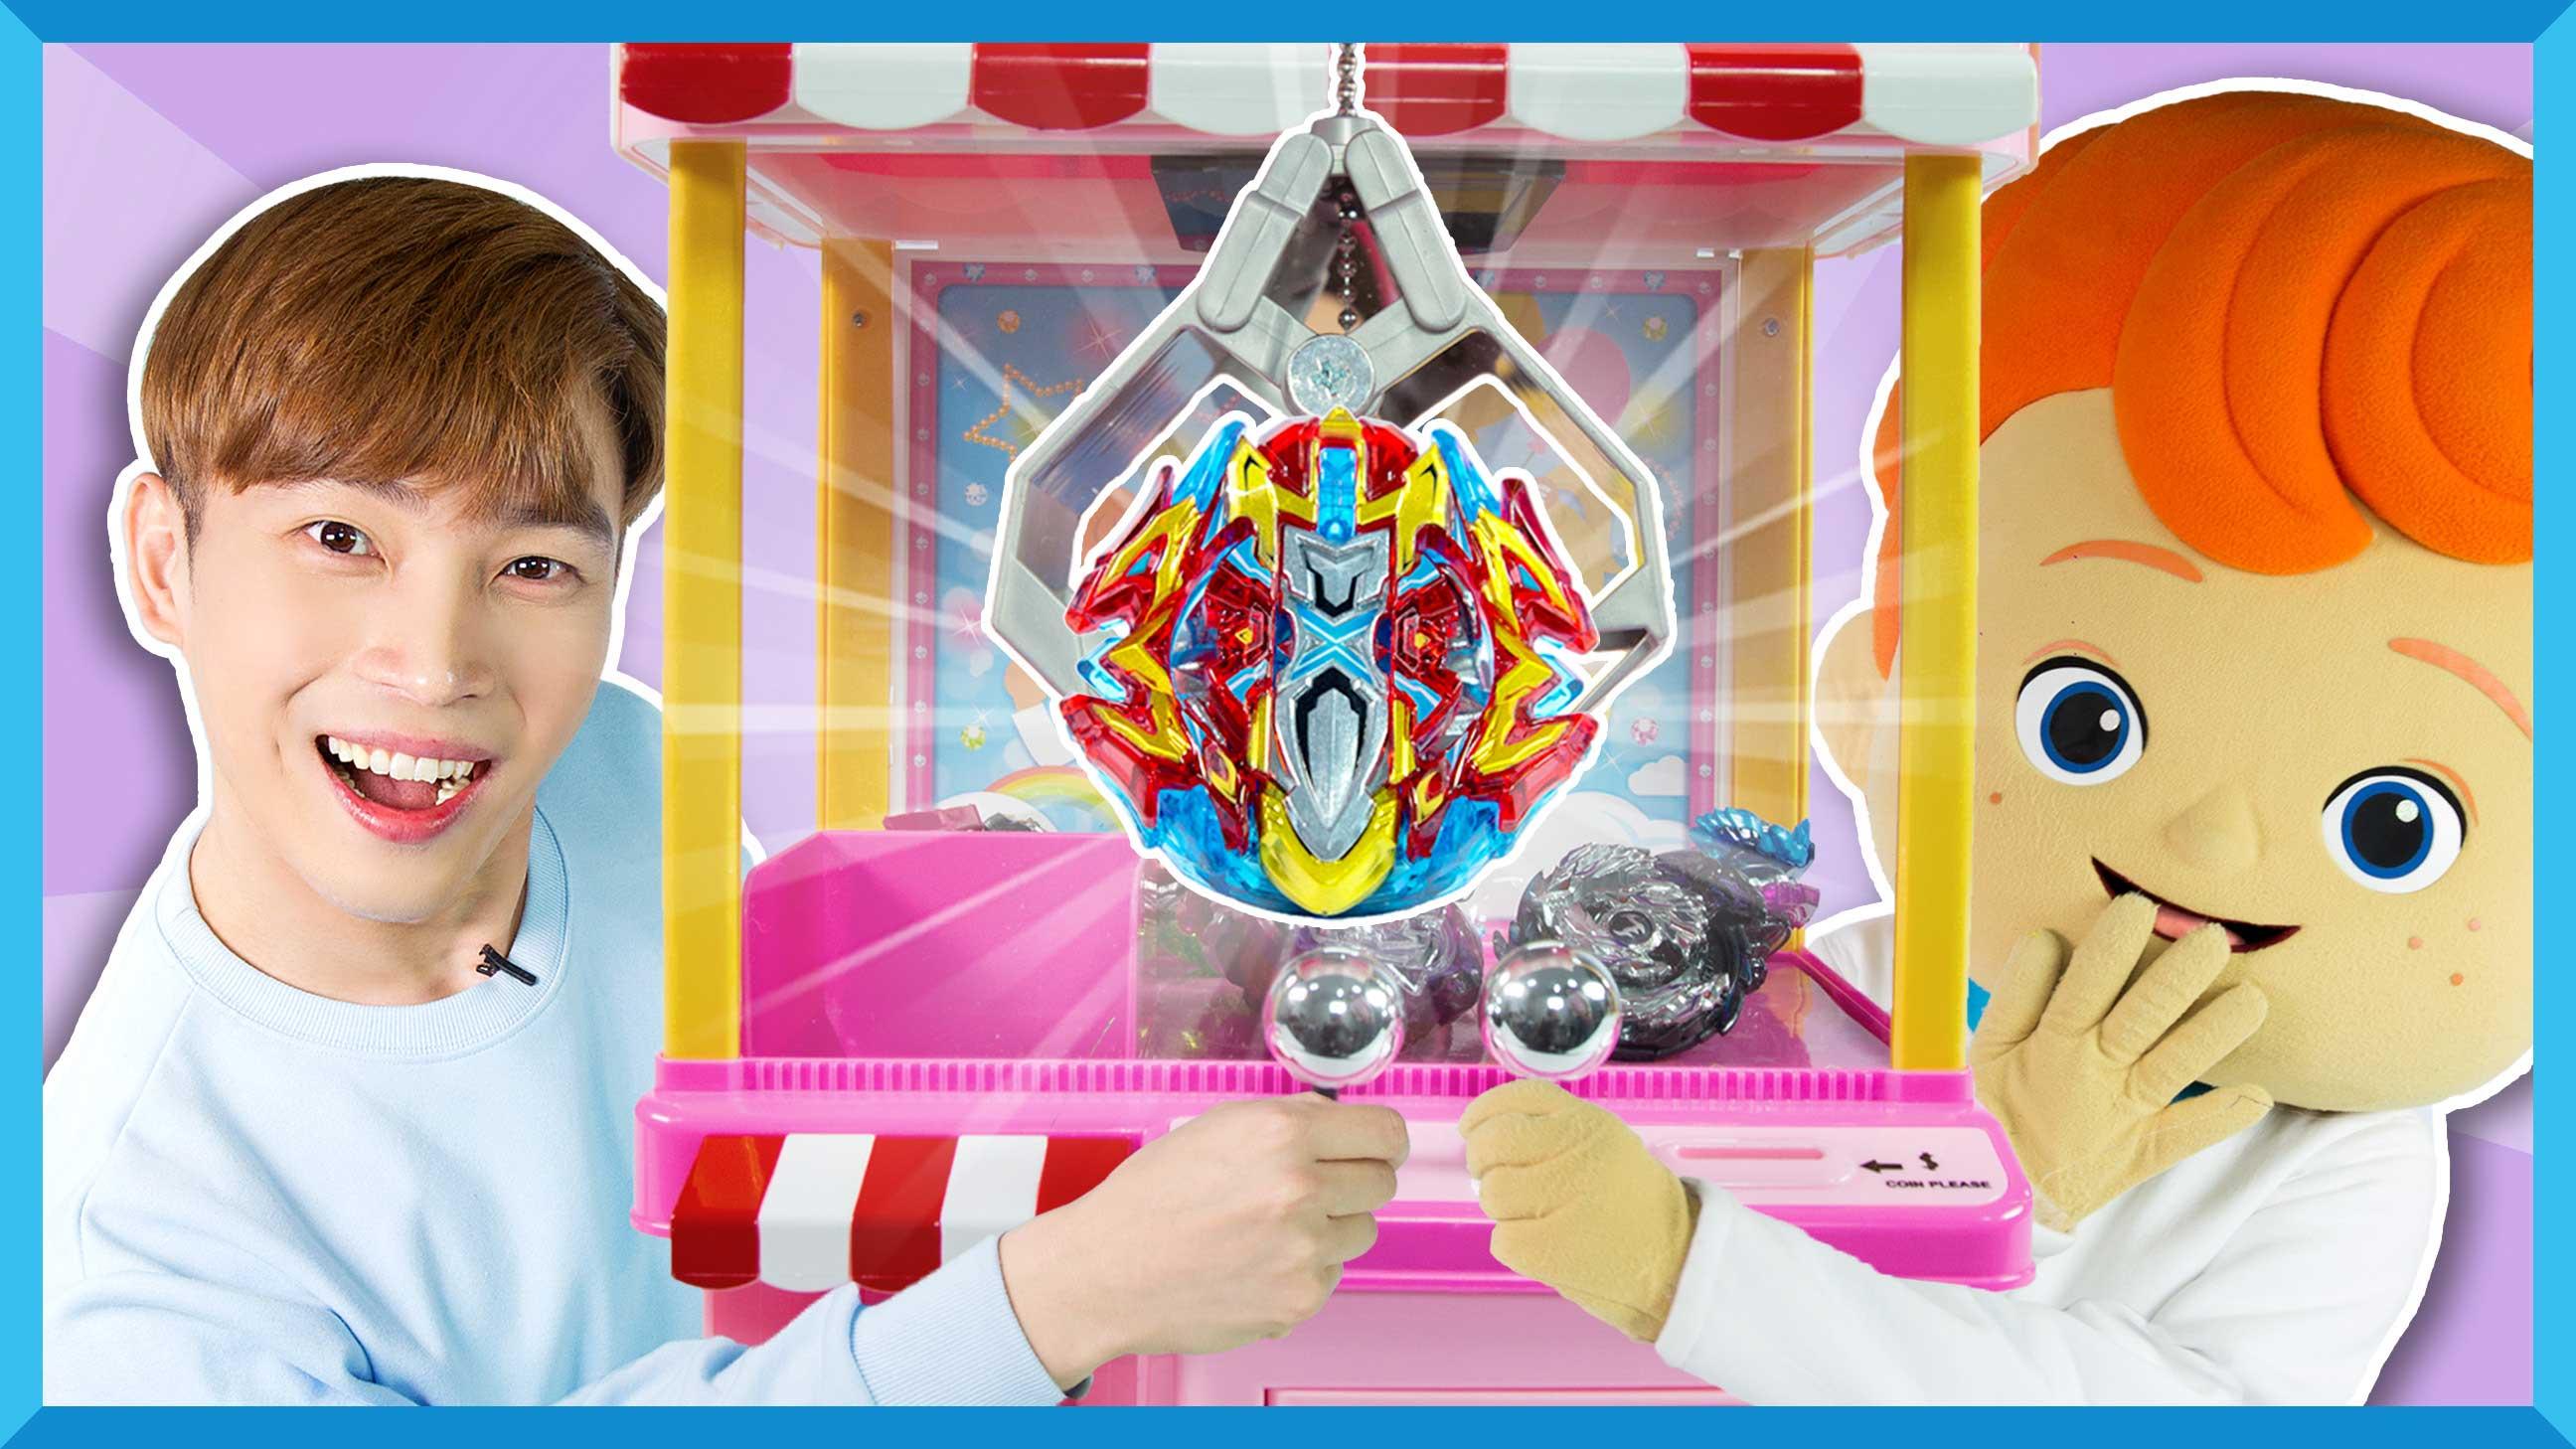 惊喜盒子陀螺抓娃娃机!陀螺斗士的对决 | 凯文和游戏 KevinAndPlay